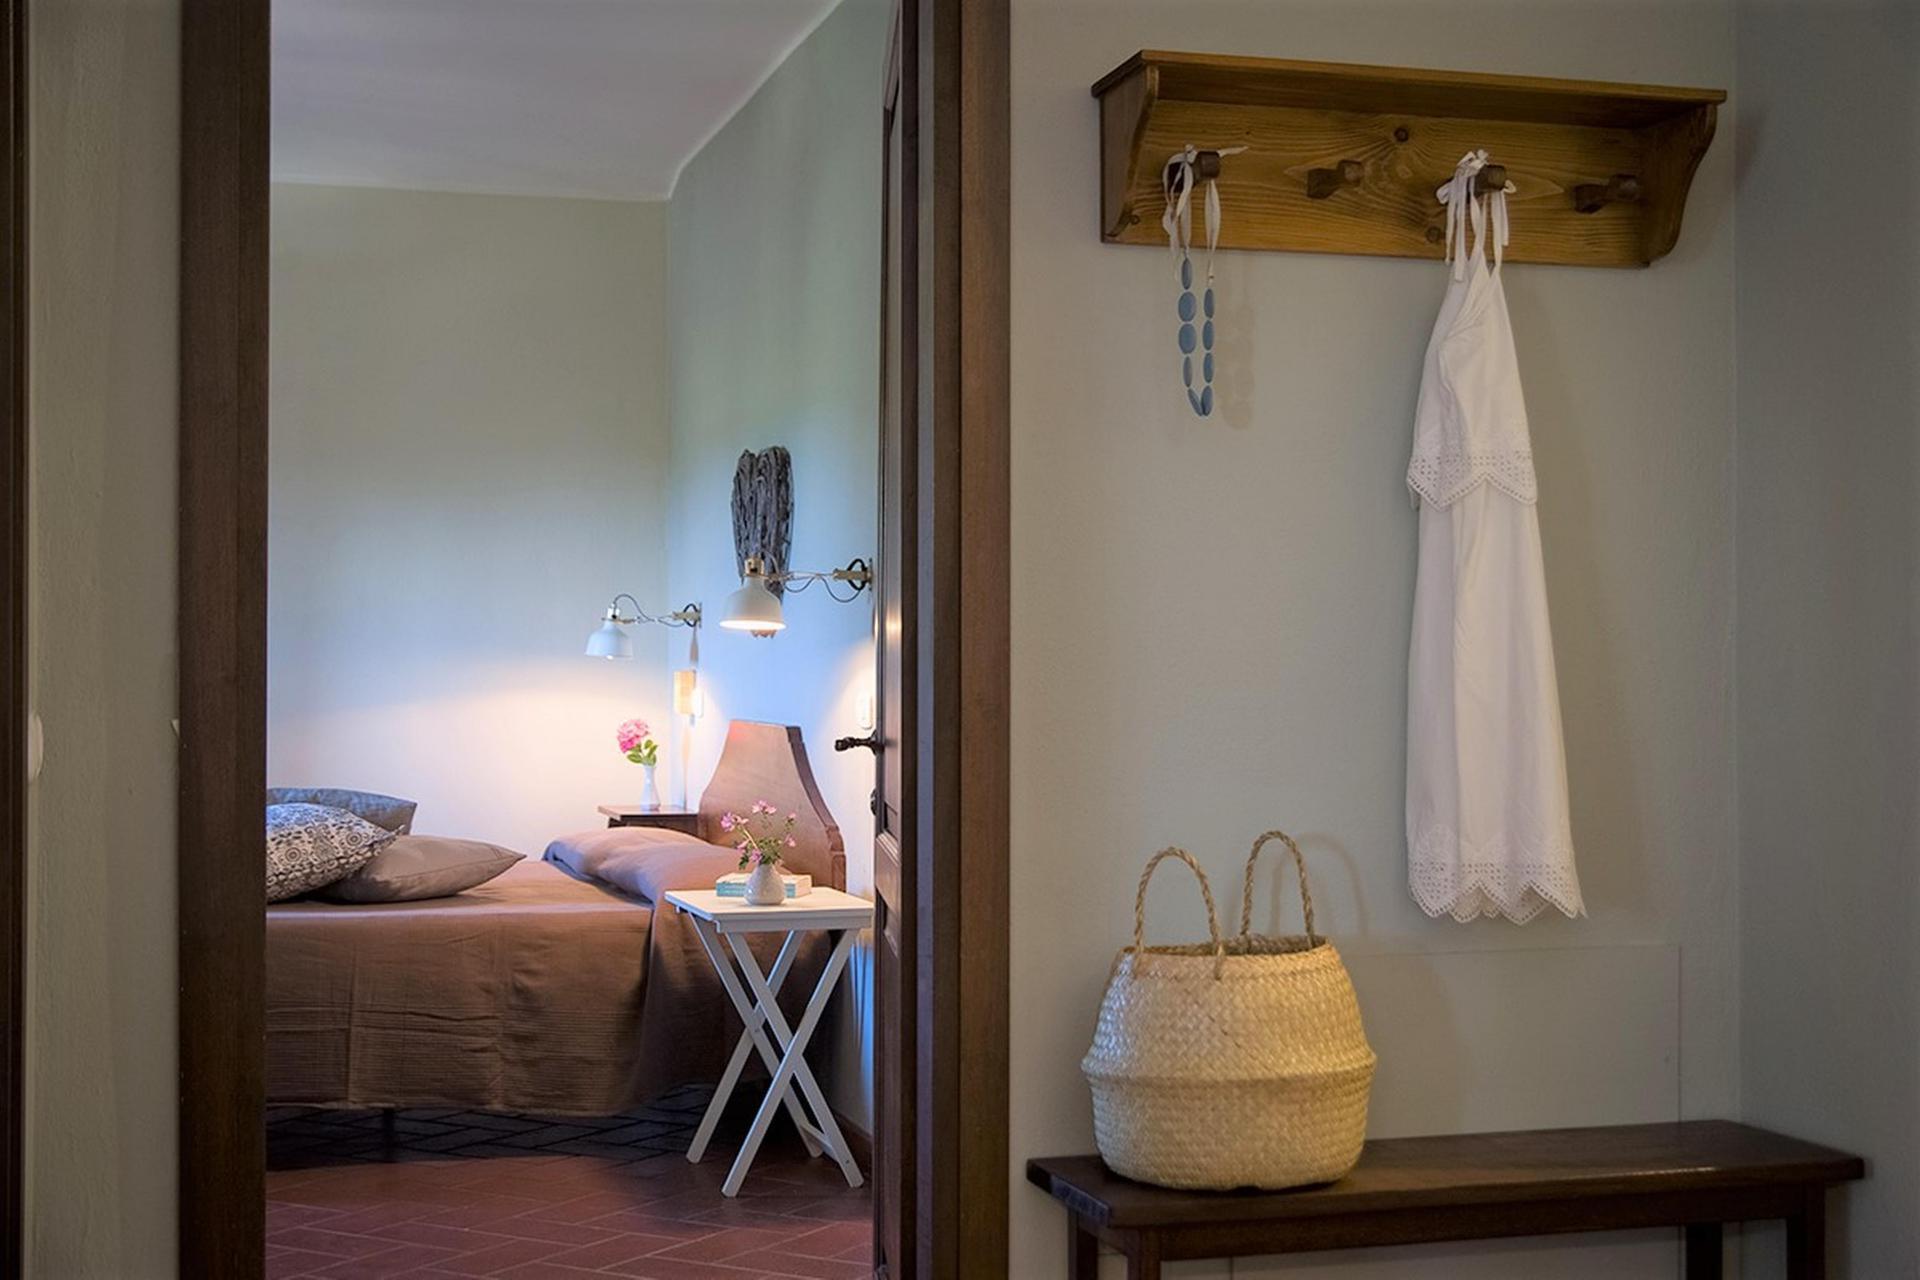 Agriturismo Toscane 10 gezellige appartementen in Maremma-streek Toscane | myitaly.nl